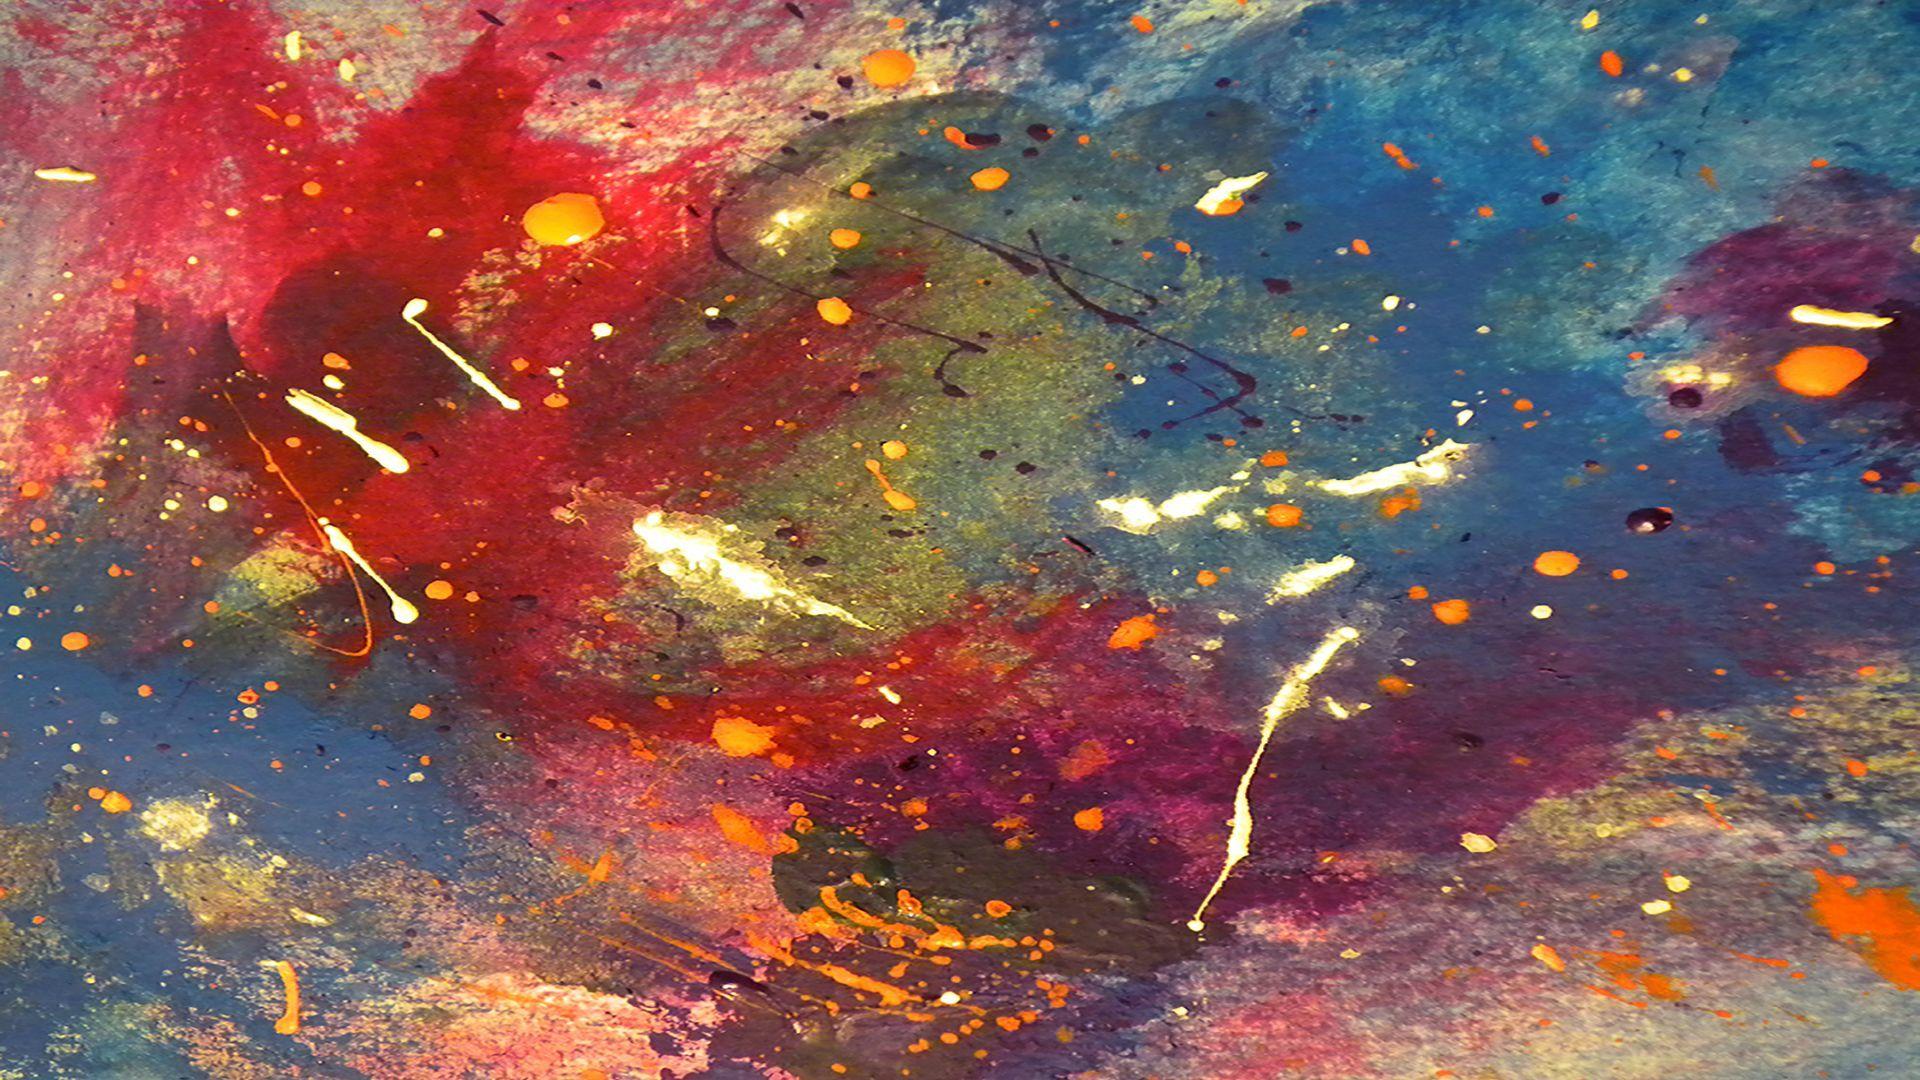 Full hd p coldplay wallpapers hd desktop backgrounds hd wallpapers full hd p coldplay wallpapers hd desktop backgrounds voltagebd Gallery